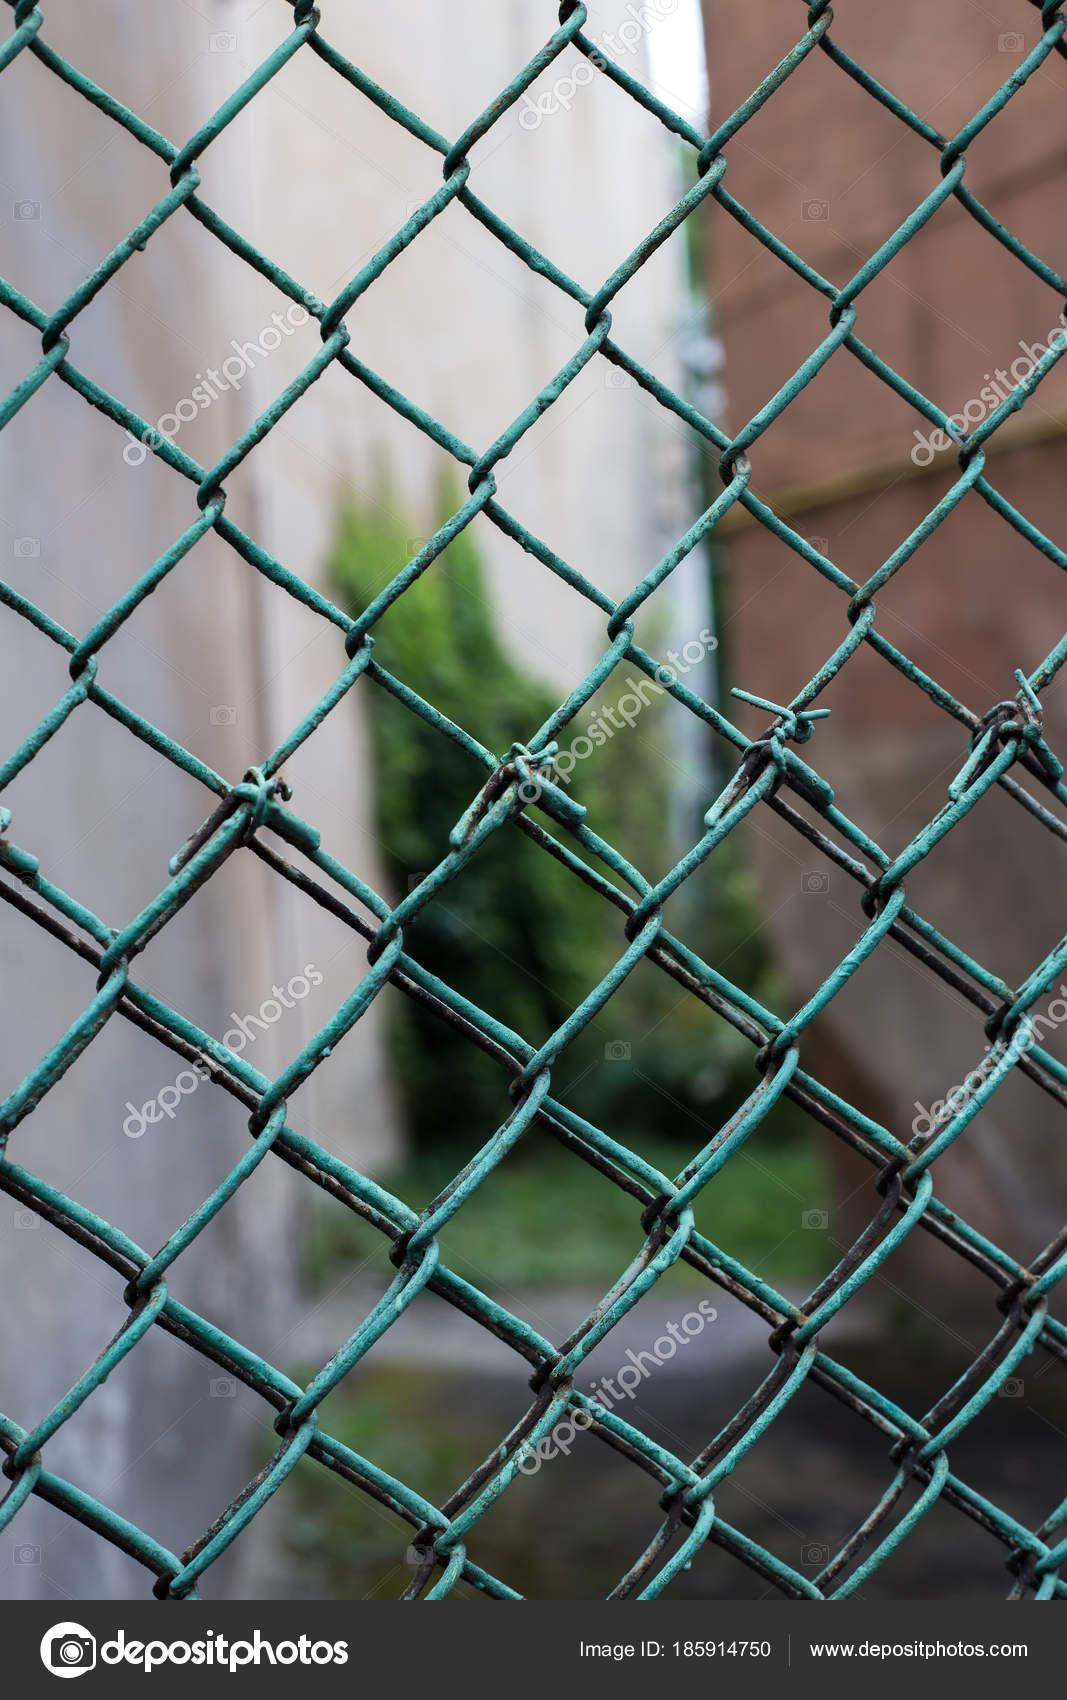 Grünes Drahtgeflecht — Stockfoto © Gladkov #185914750